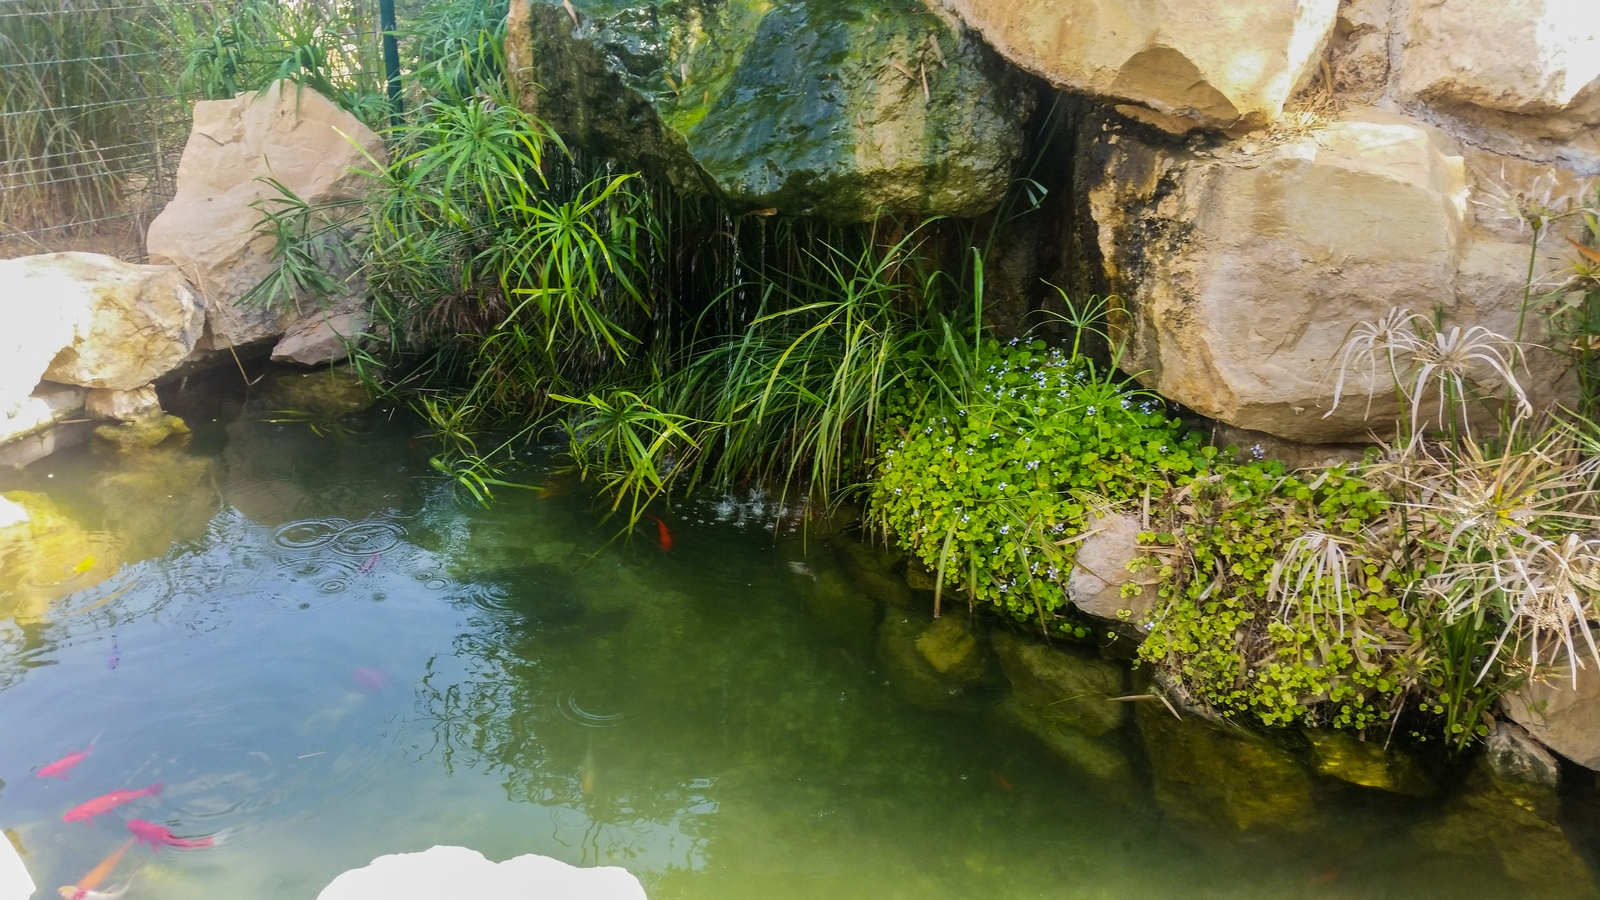 Декоративная горка над мини бассейном с рыбками в центре кибуца Ревивим